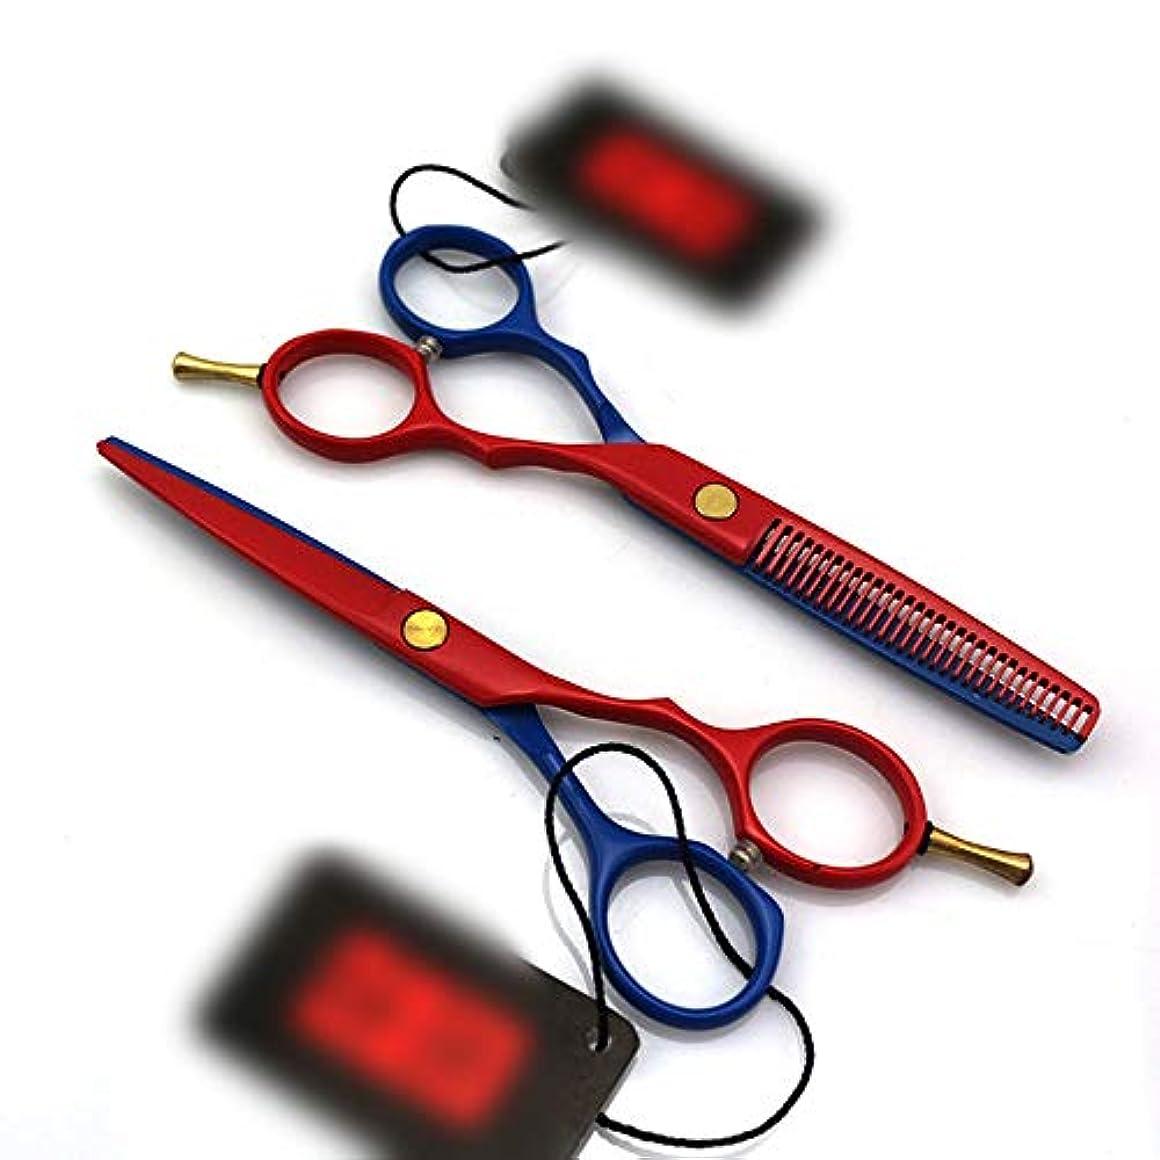 手配する支払い支援するWASAIO 理髪はさみプロフェッショナル理容サロンレイザーエッジツール髪のクリッピング間伐歯のはさみセットのテクスチャーシザー5.5インチSavourless +トゥース (色 : Red and blue)